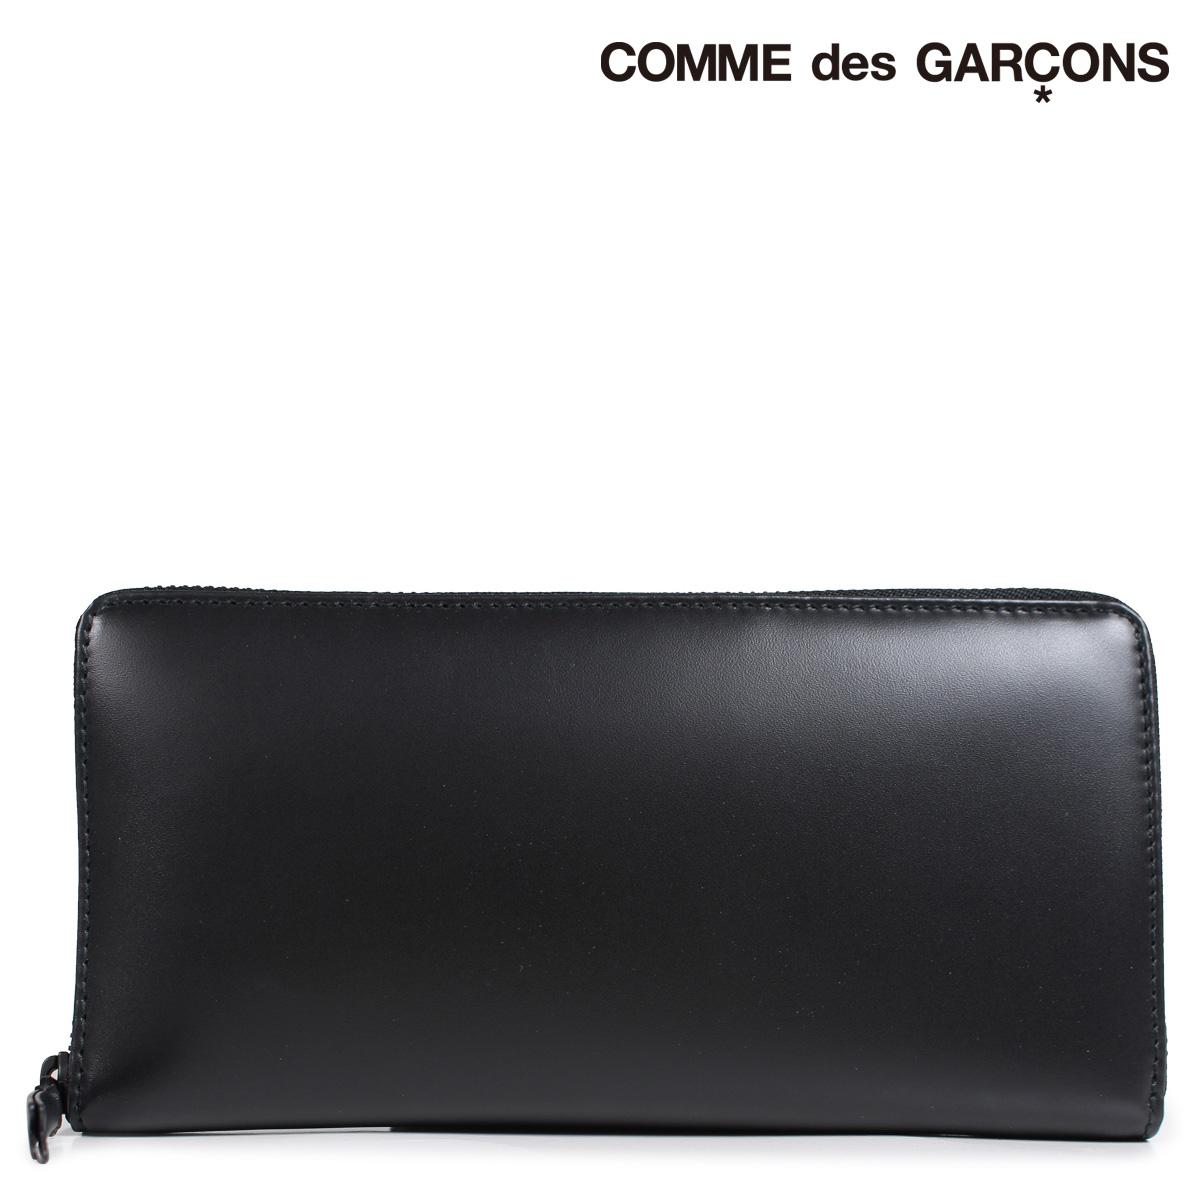 COMME des GARCONS SA0110VB コムデギャルソン 財布 長財布 メンズ レディース ラウンドファスナー ブラック 黒